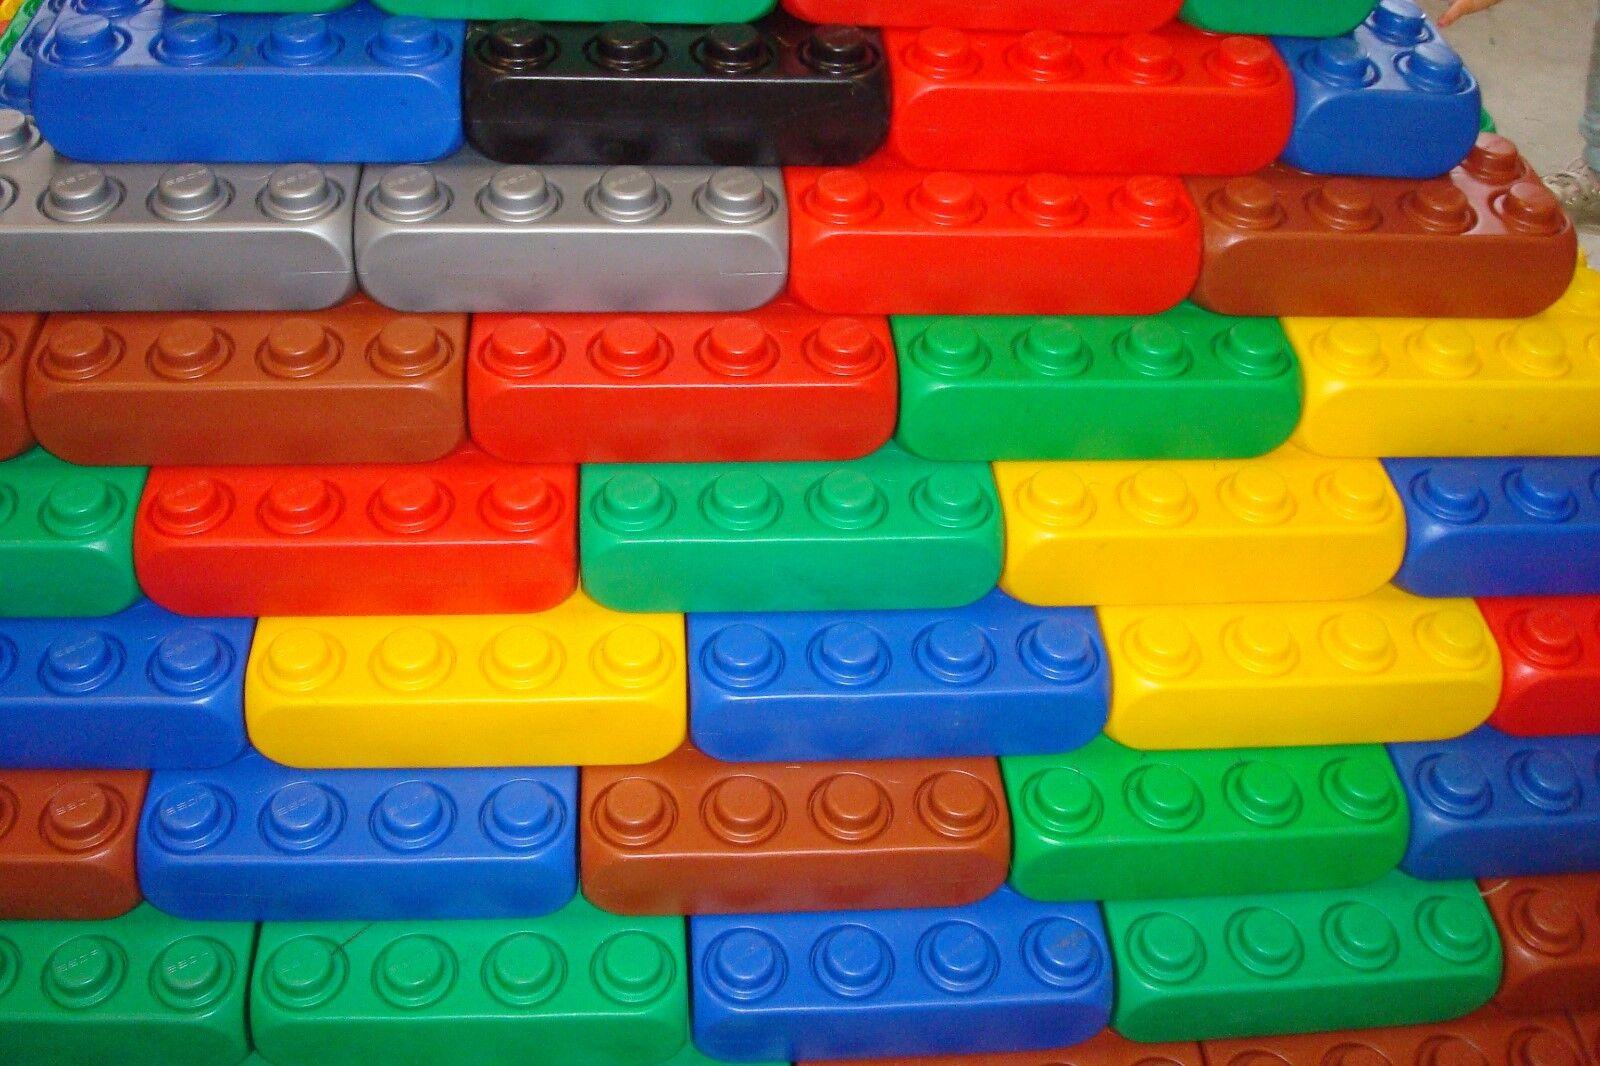 ESDA XL Building bricks fun blocks 53 pieces in a set